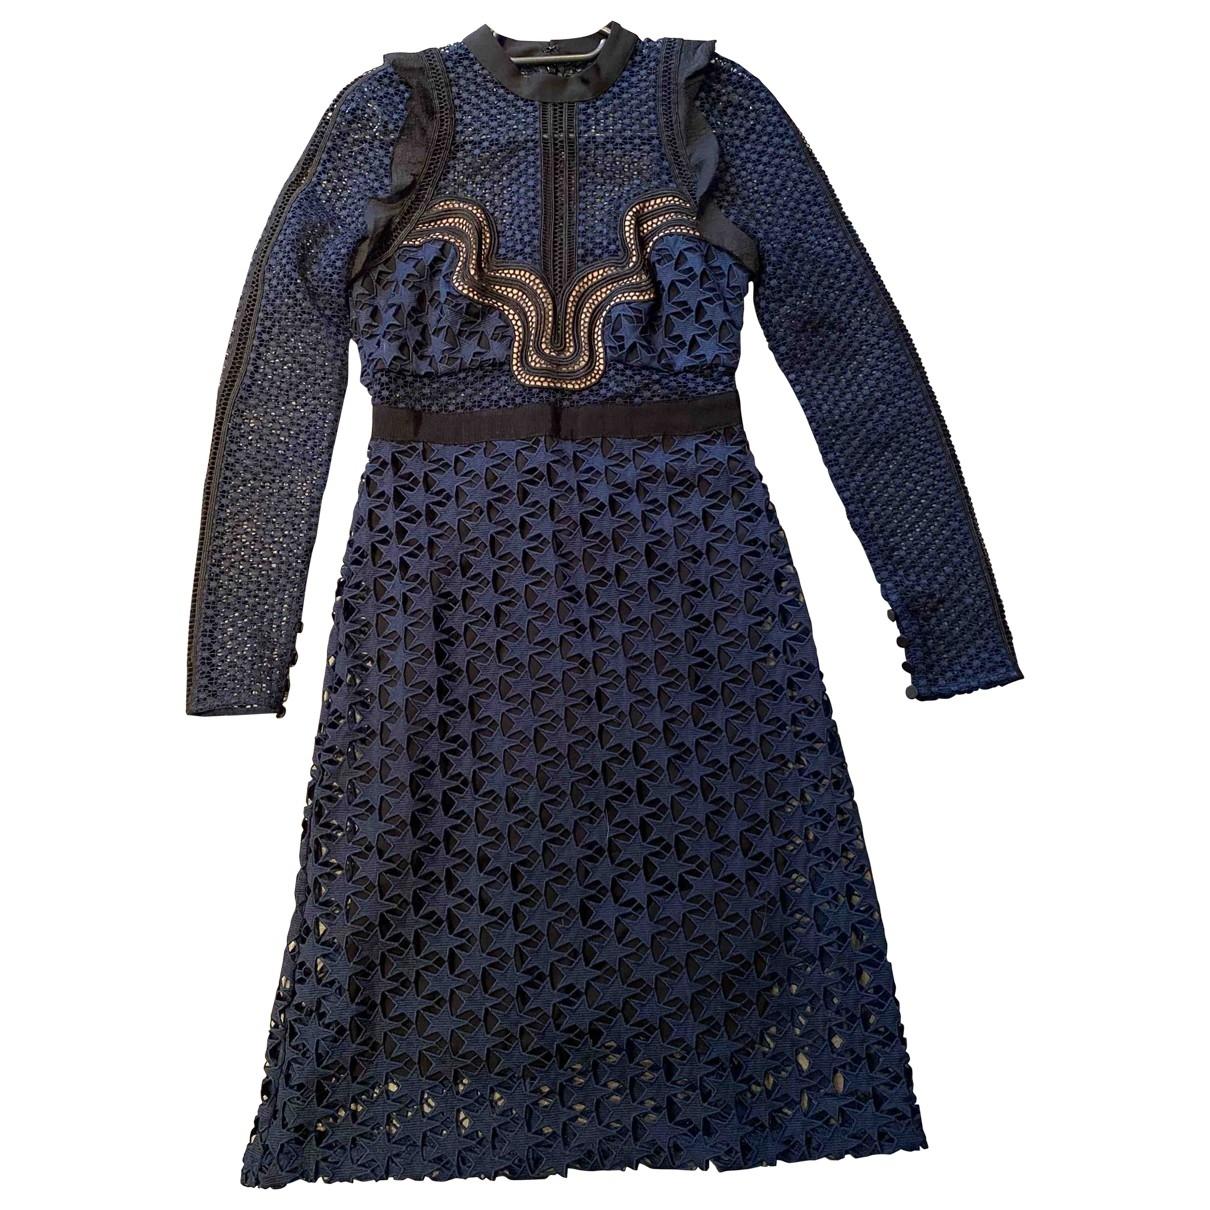 Self Portrait \N Navy Lace dress for Women 8 UK